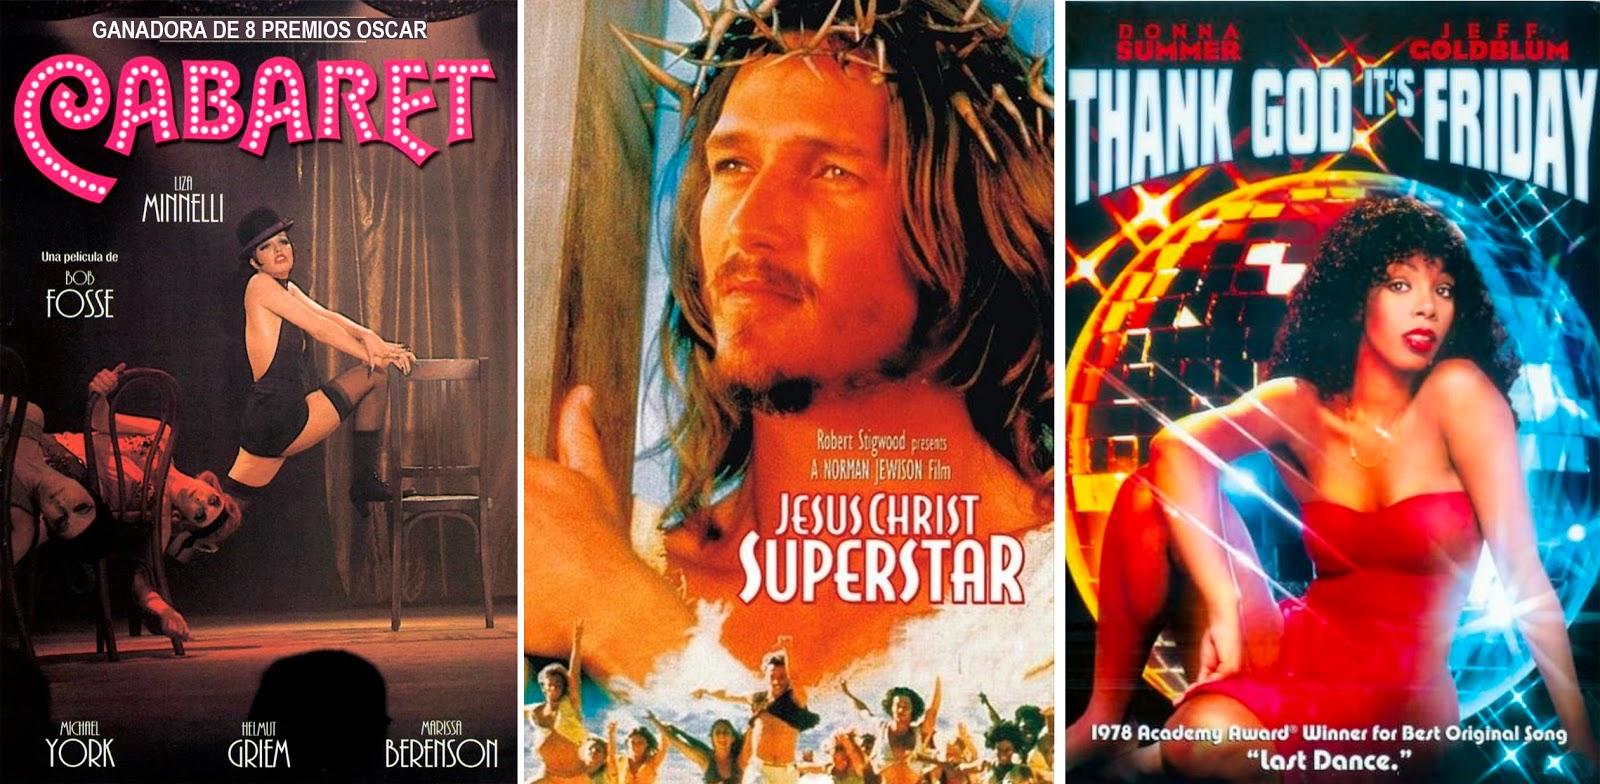 Tres estilos diferentes como muestra de la variedad que tuvo los años 70s en el género musical / WEB